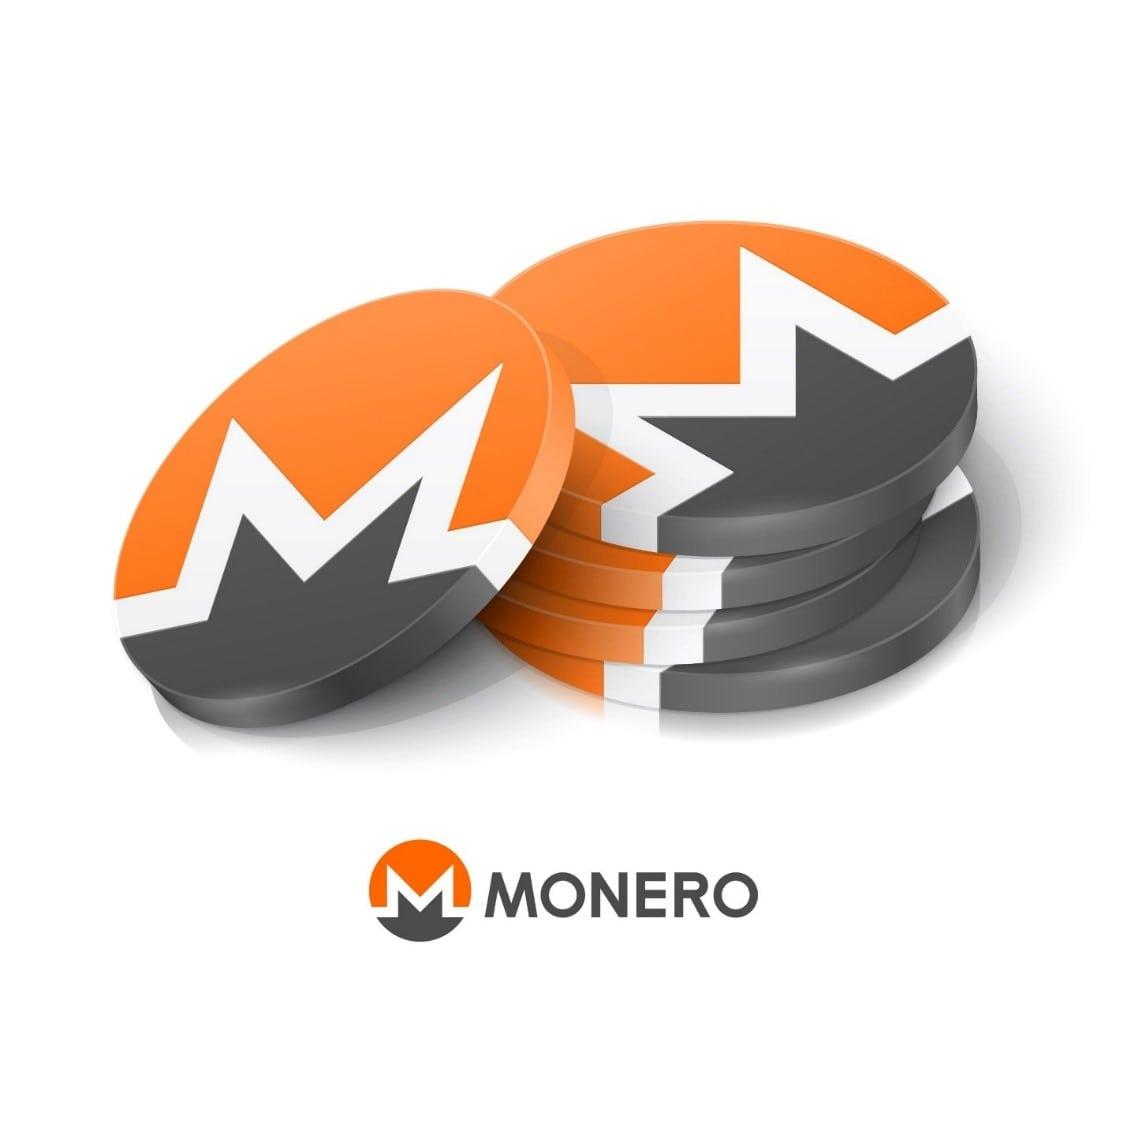 خرید مونرو Monero